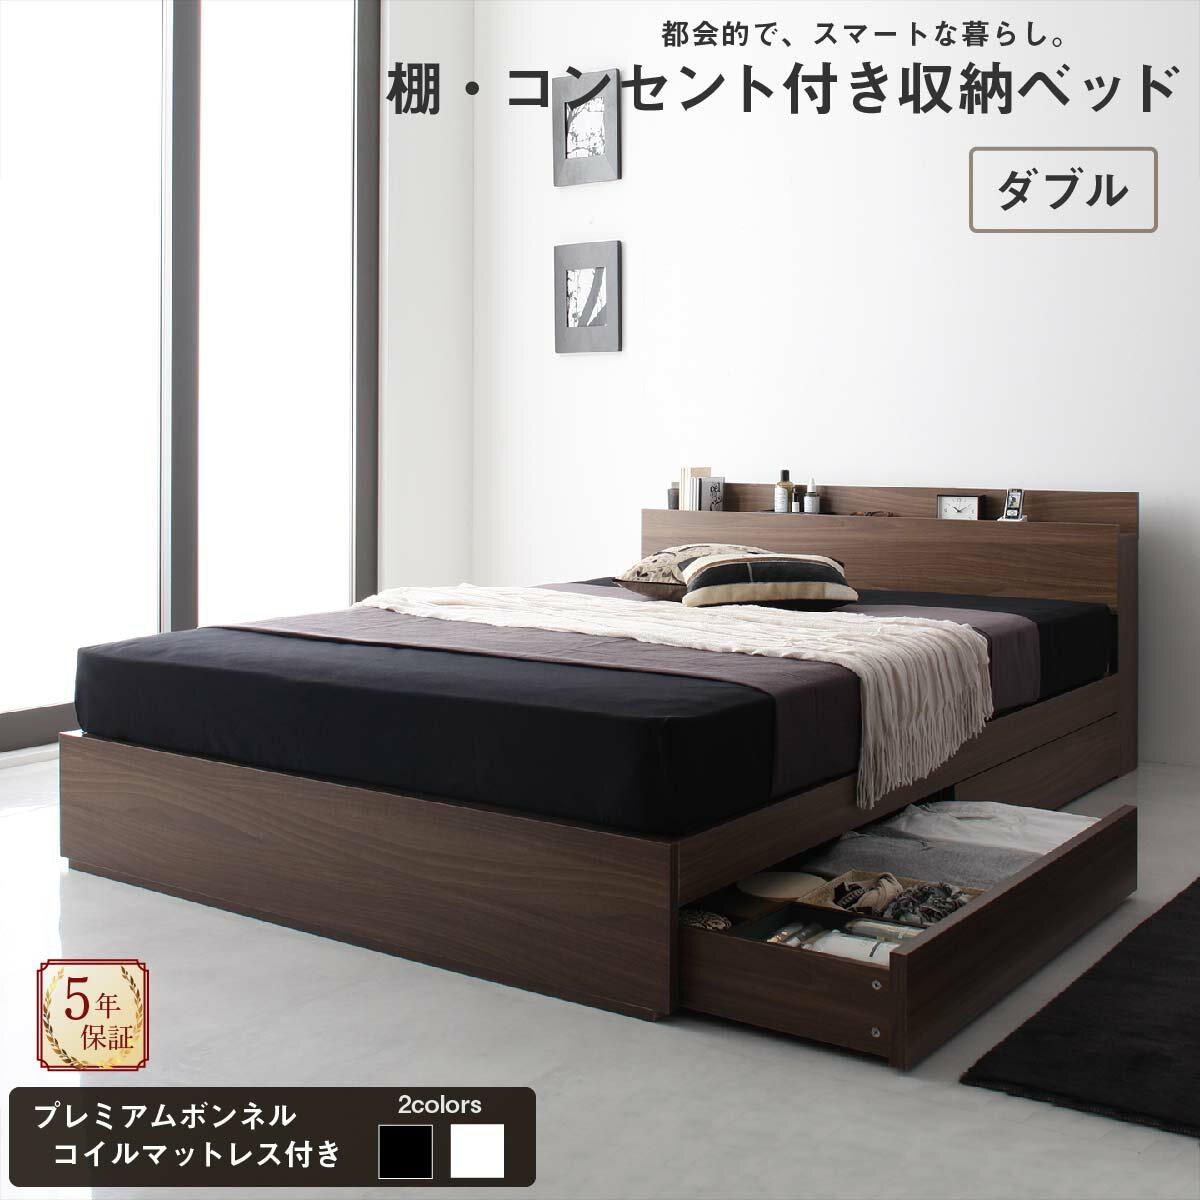 【送料無料】 ロングセラー 人気 ベッド ベッドフレーム マットレス付き 収納付き 木製ベッド コンセント付き 収納ベッド 引き出し付きベッド ウォルナットブラウン プレミアムボンネルコイルマットレス付き ダブル